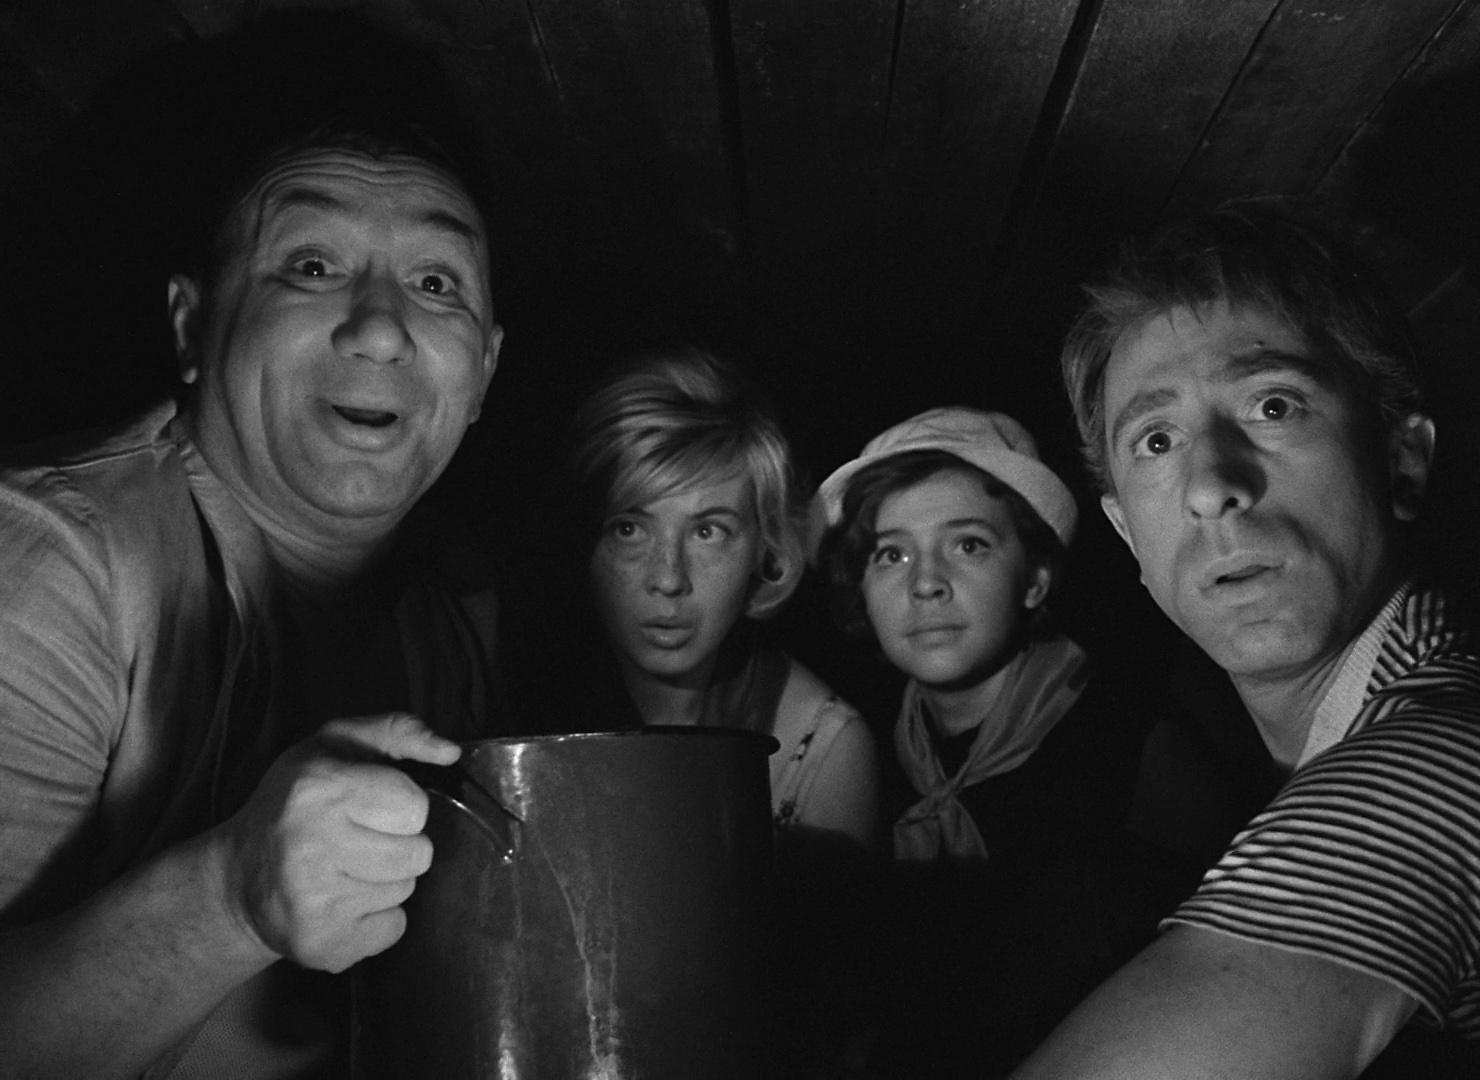 Arina Aleynikova, Ilya Rutberg, Nina Shatskaya, and Aleksei Smirnov in Dobro pozhalovat, ili Postoronnim vkhod vospreshchen (1964)